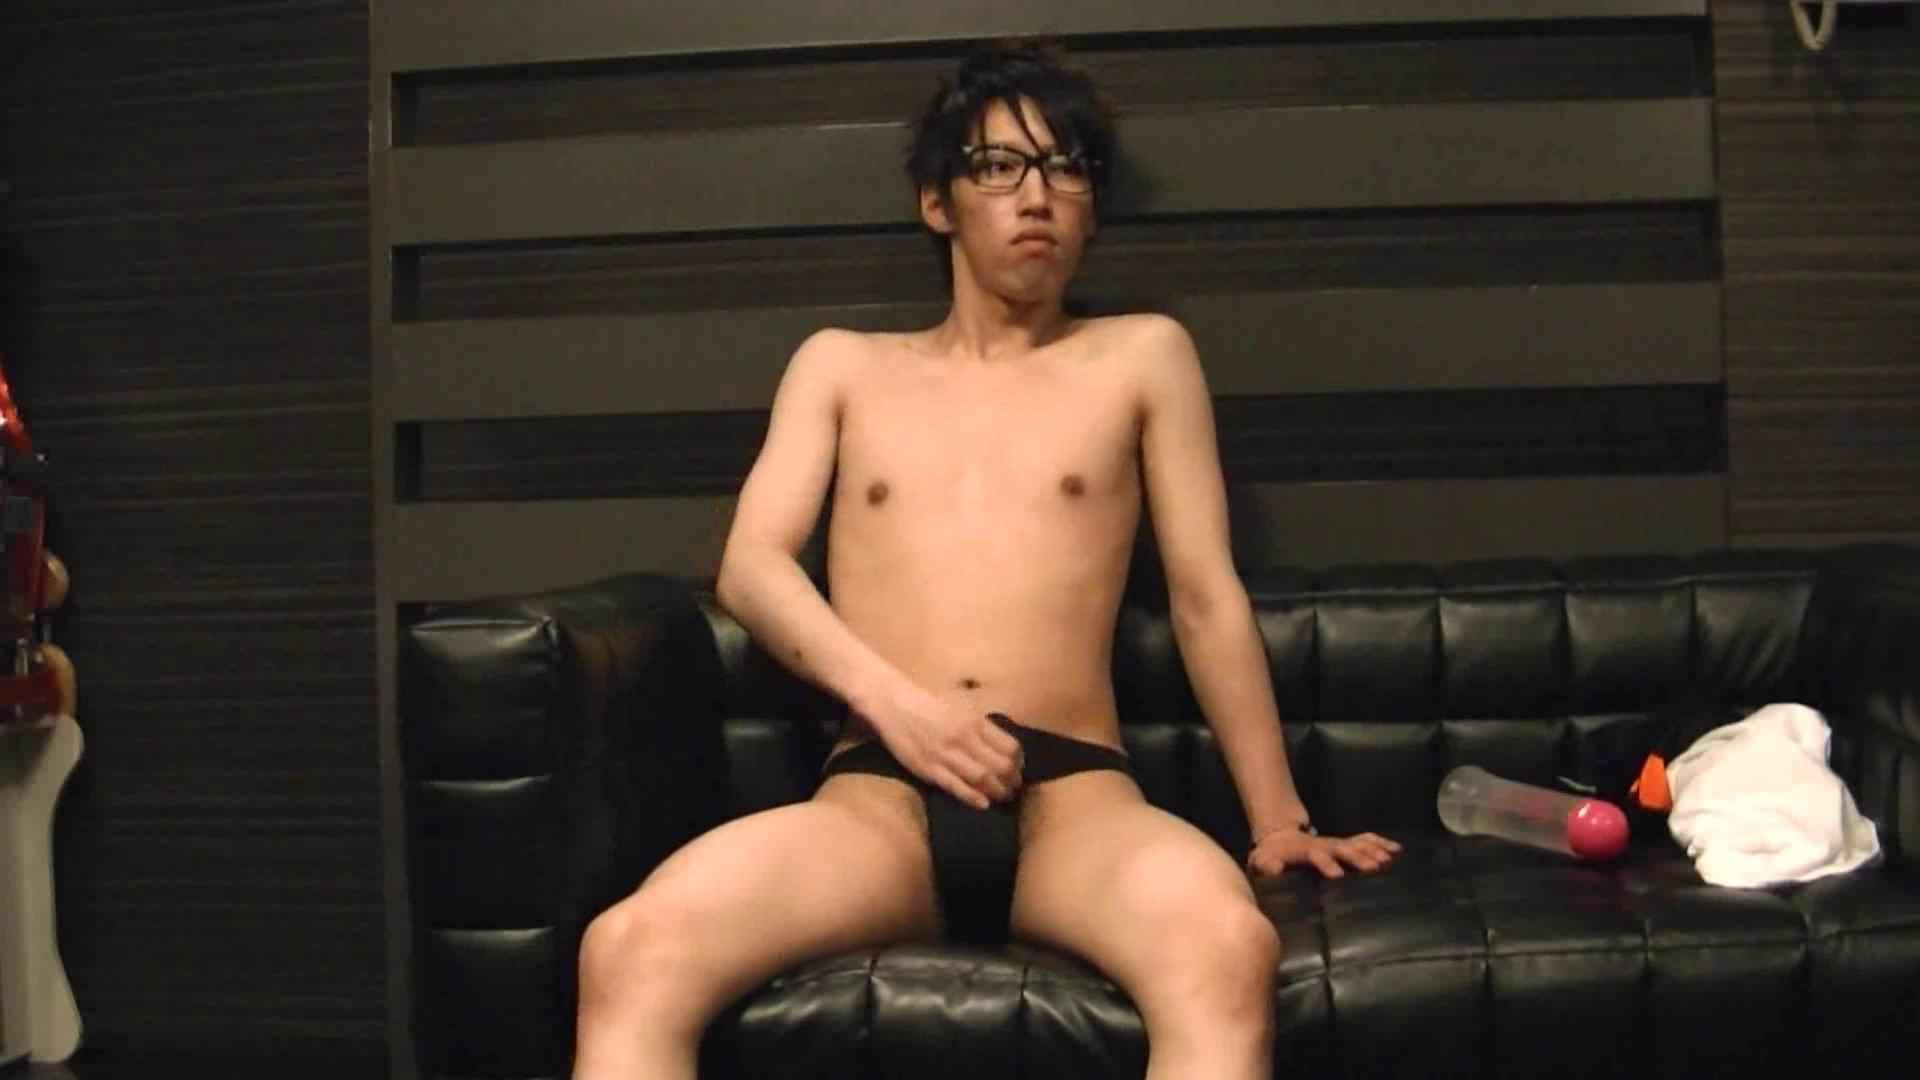 ONA見せカーニバル!! Vol3 ゲイのオナニー映像  103枚 38